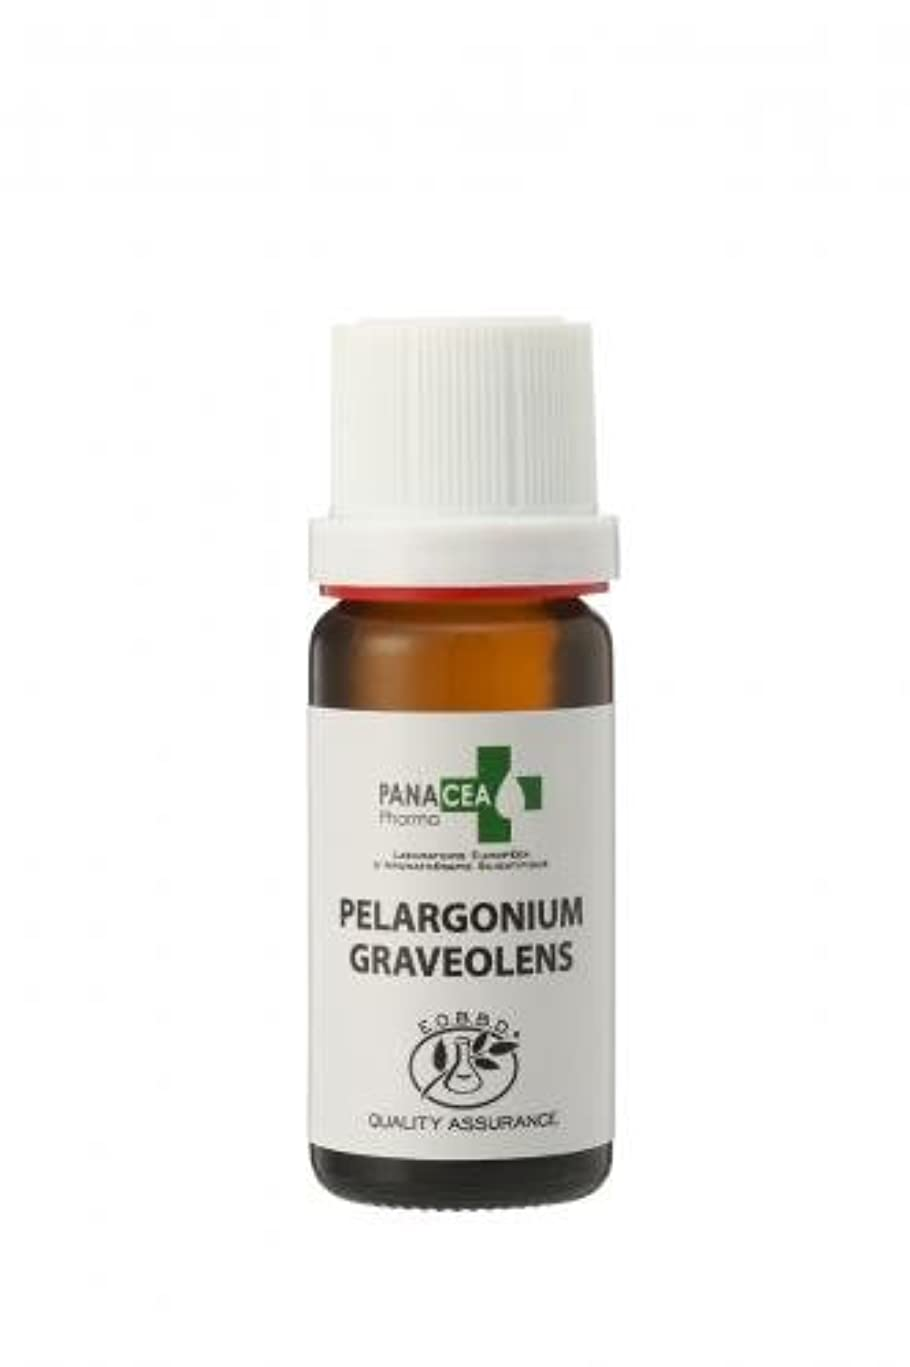 練るやりすぎ夢中ゼラニウム エジプト (Pelargonium graveolens) エッセンシャルオイル PANACEA PHARMA パナセア ファルマ